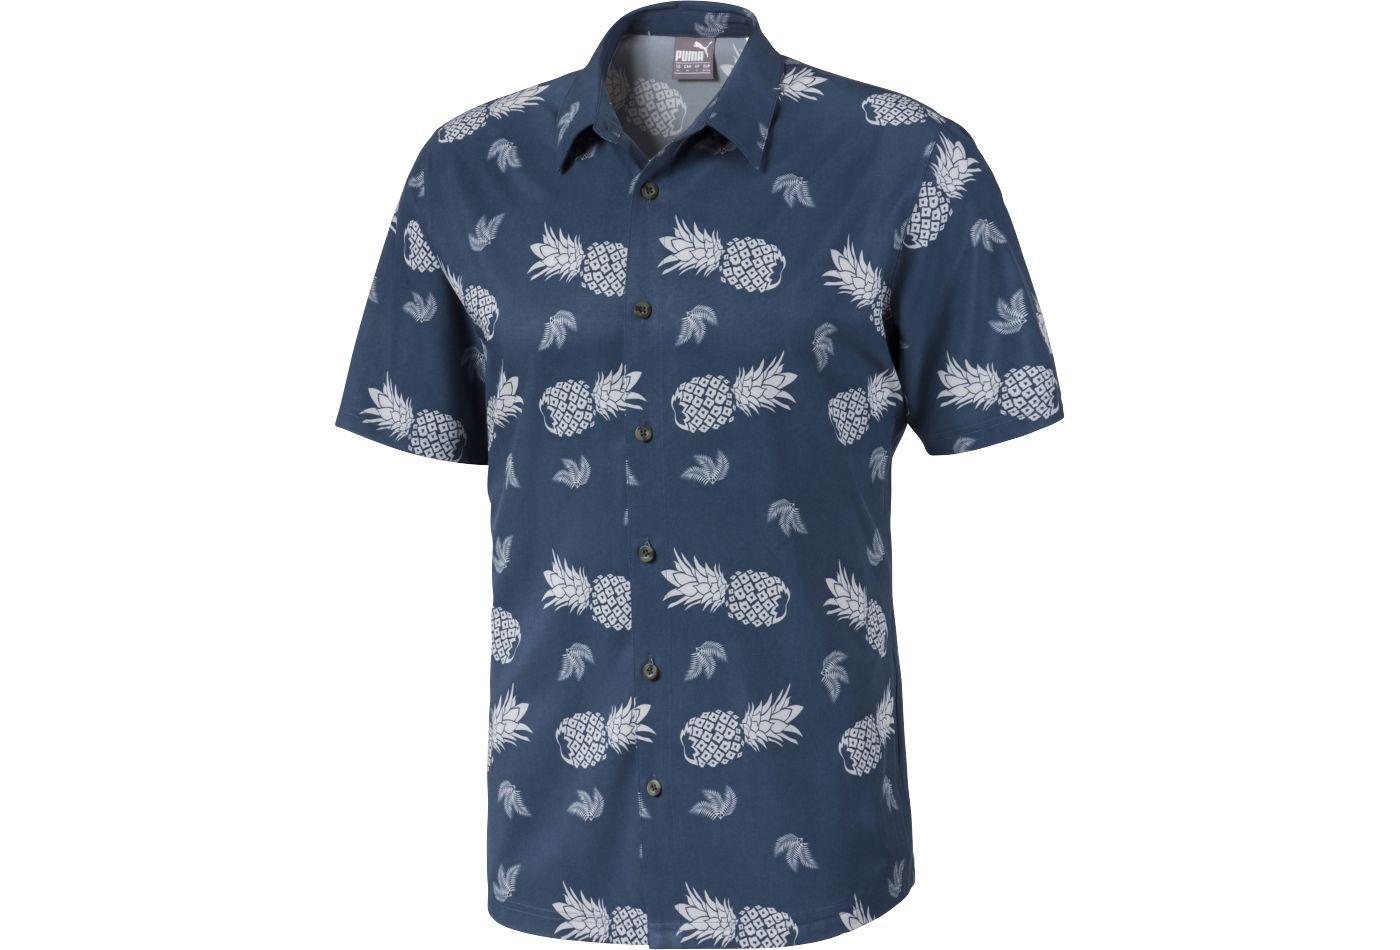 PUMA Men's Islands Button Down Golf Shirt